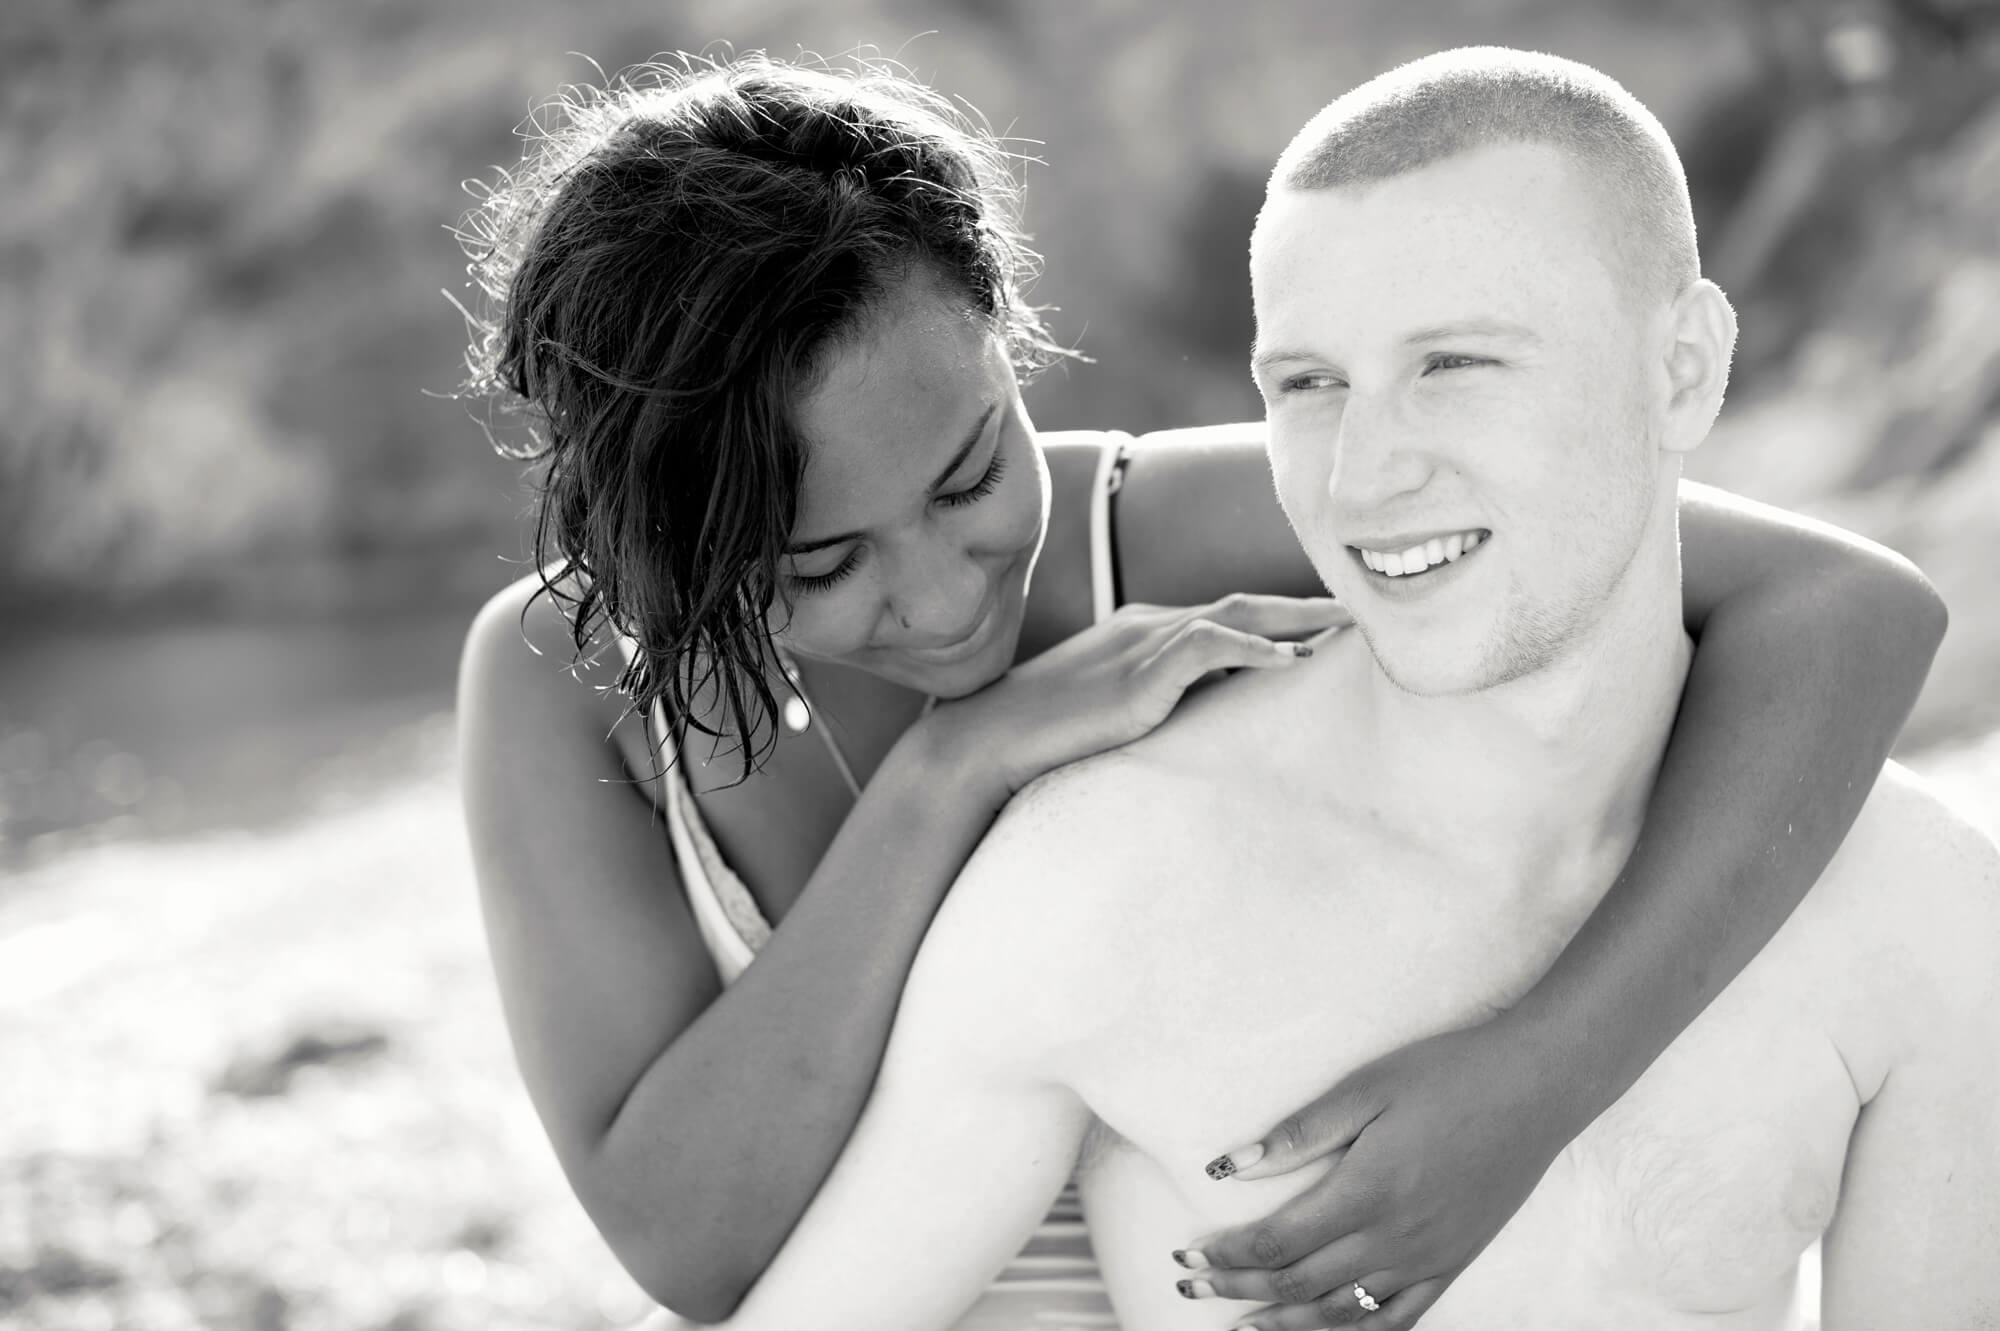 couple portrait ibiza beach engaged